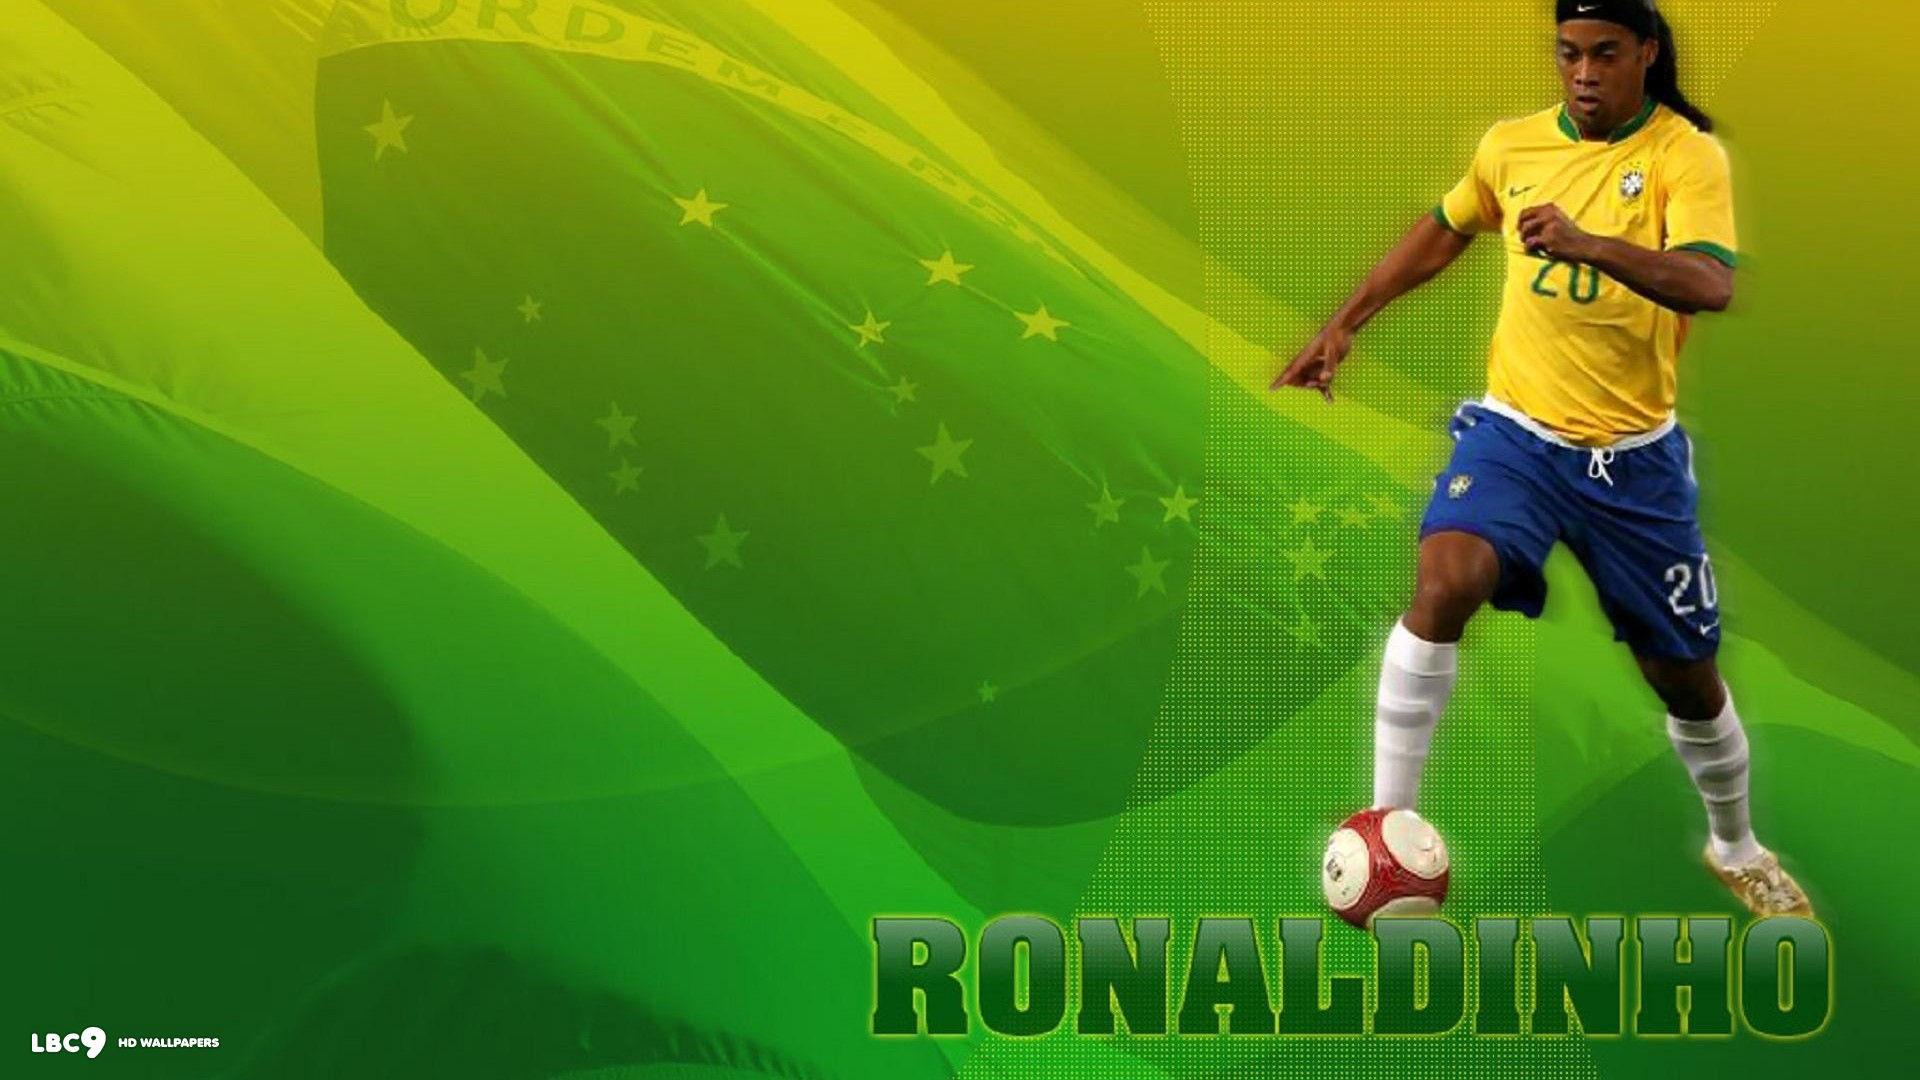 Brazil Soccer Wallpaper 64 Images